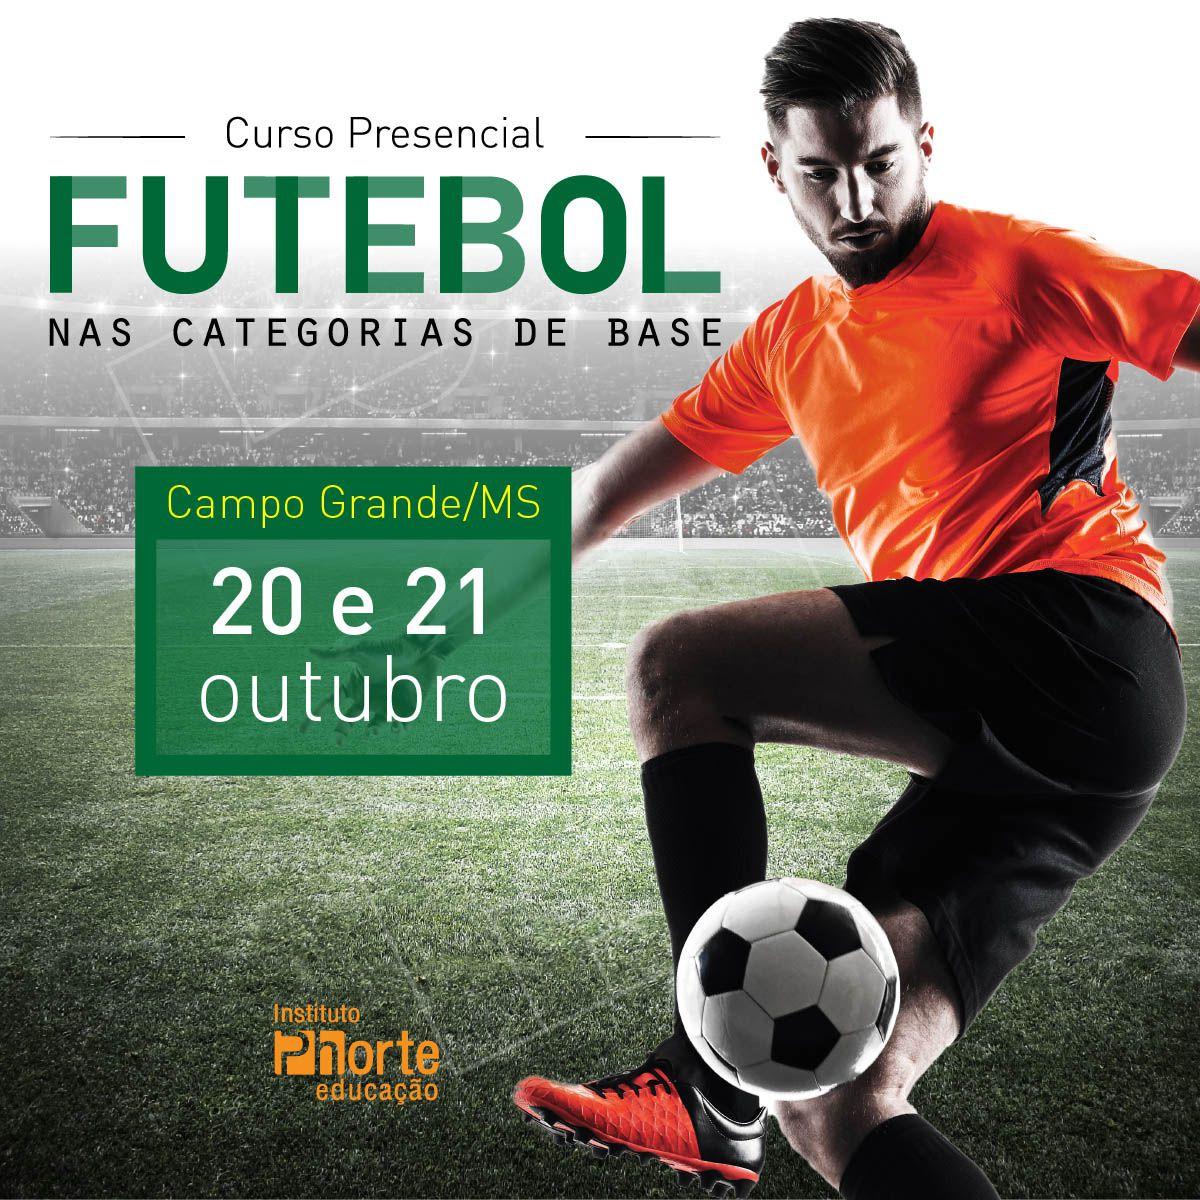 Futebol nas categorias de base  - Cursos distância e aulas online Instituto Phorte Educação.